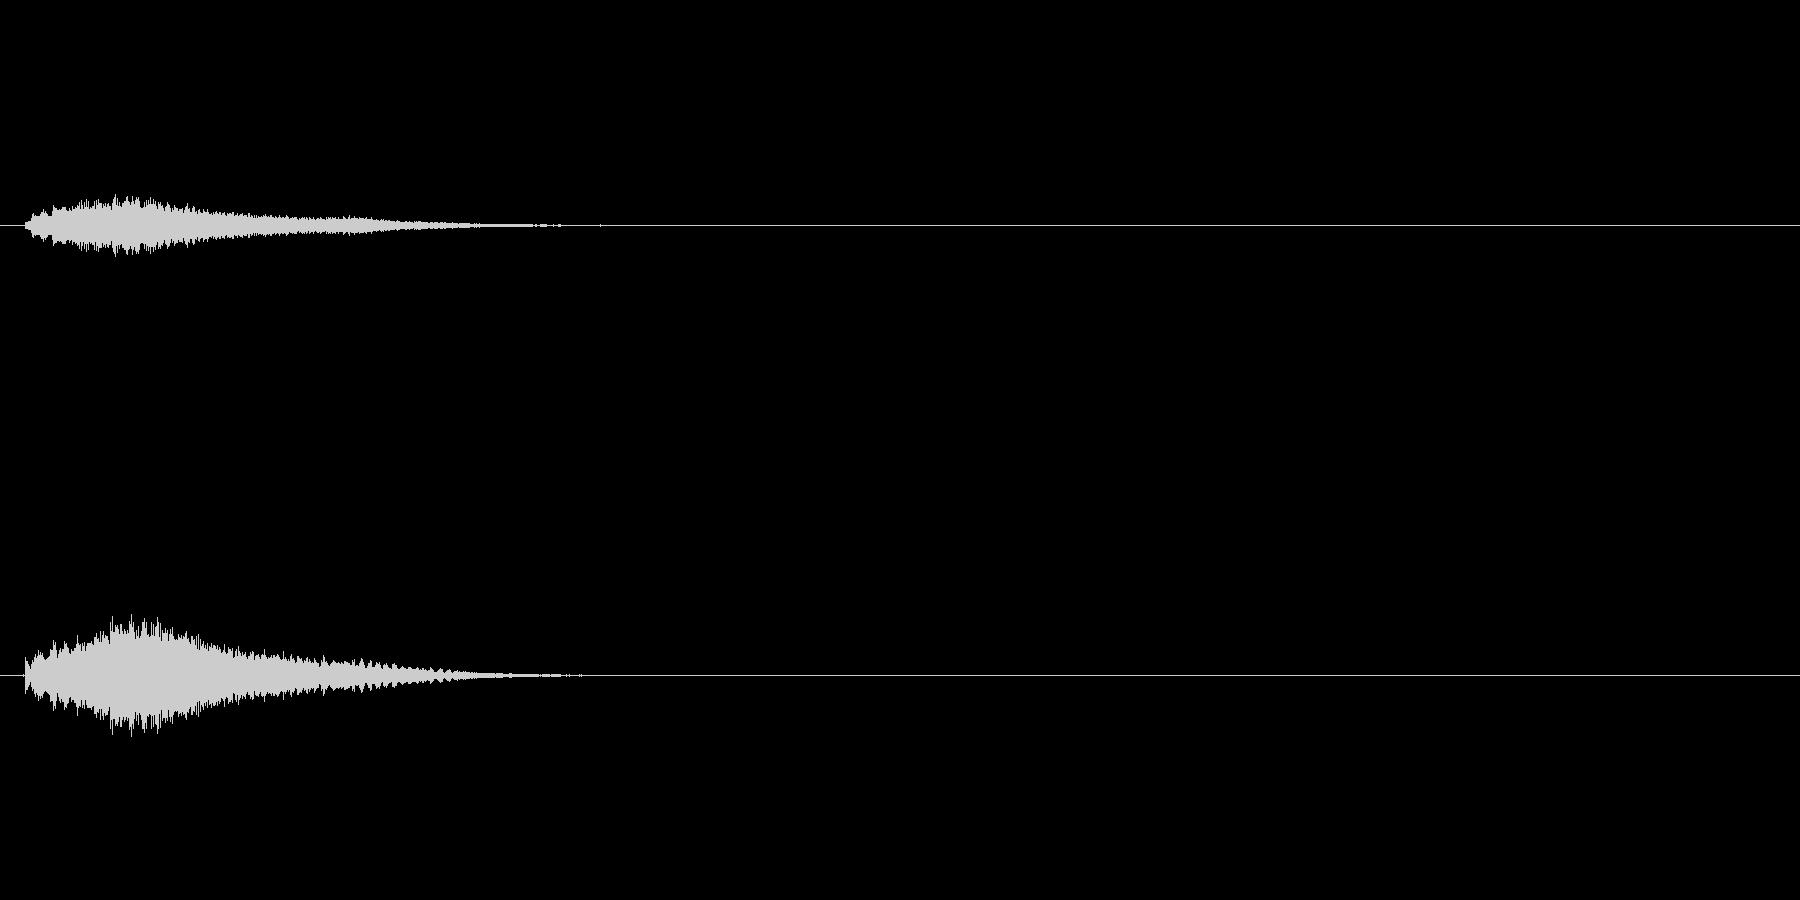 キラキラ系_038の未再生の波形